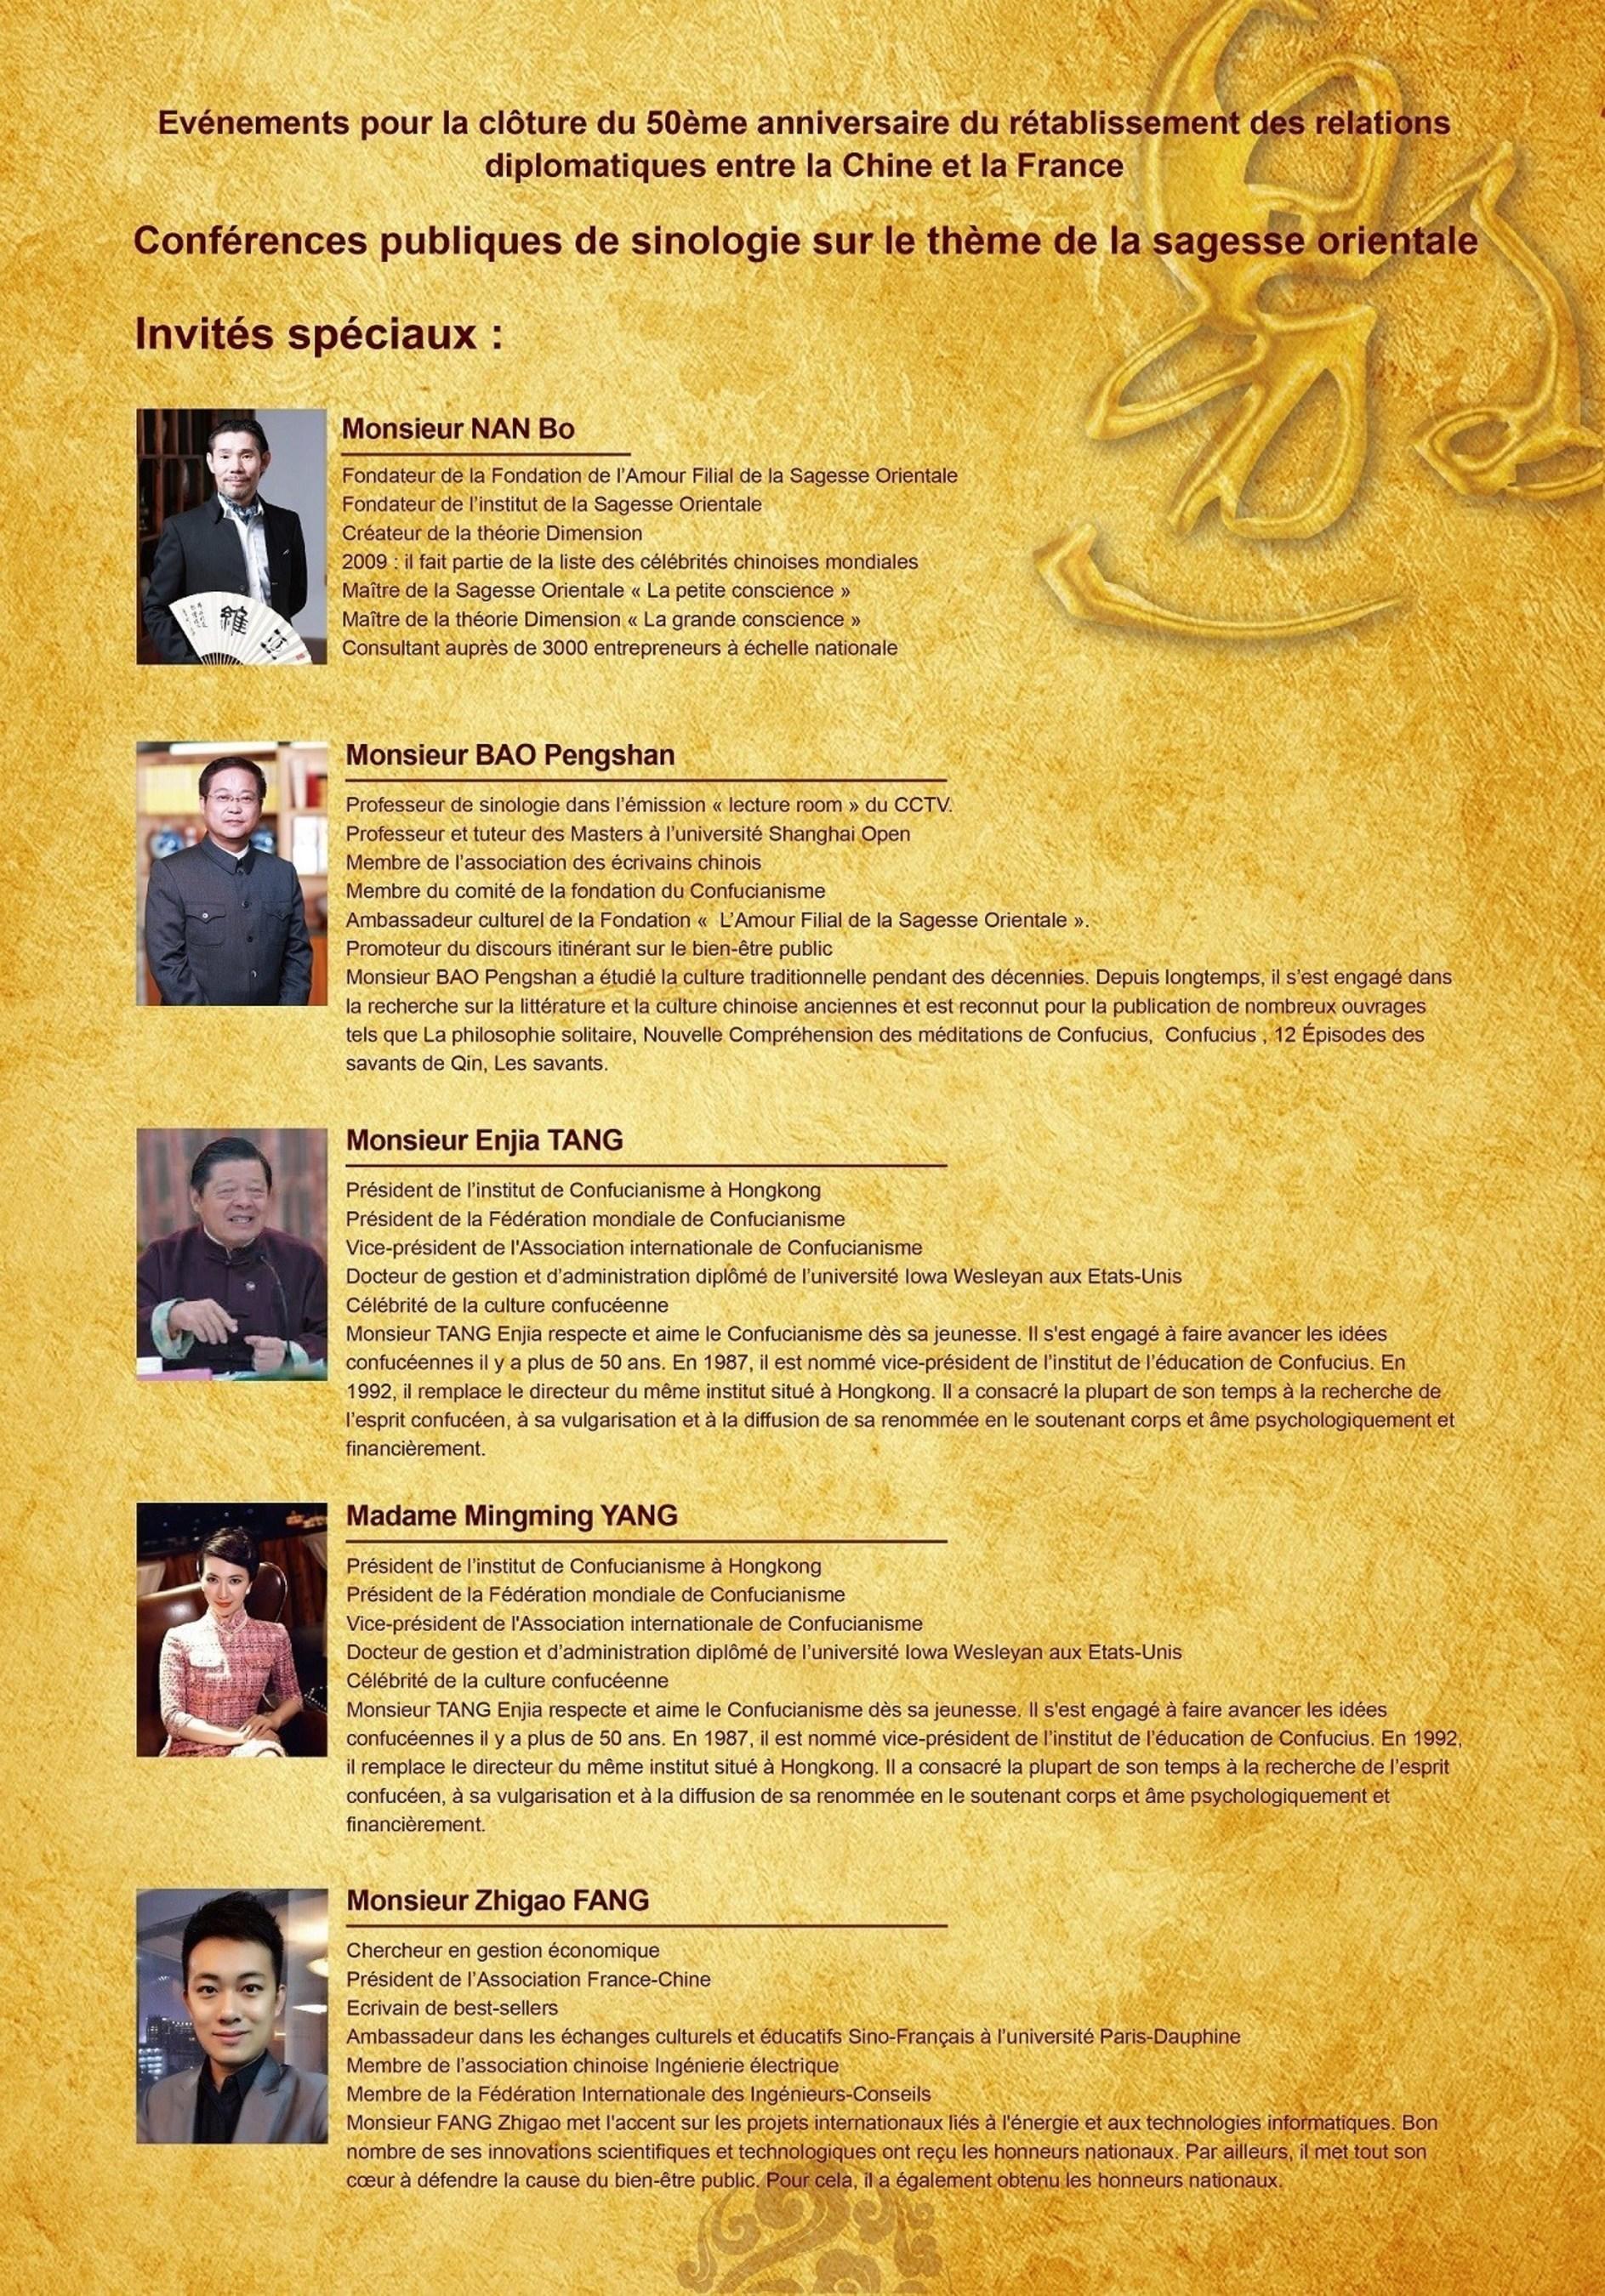 Conférences publiques de sinologie sur le thème de la sagesse orientale